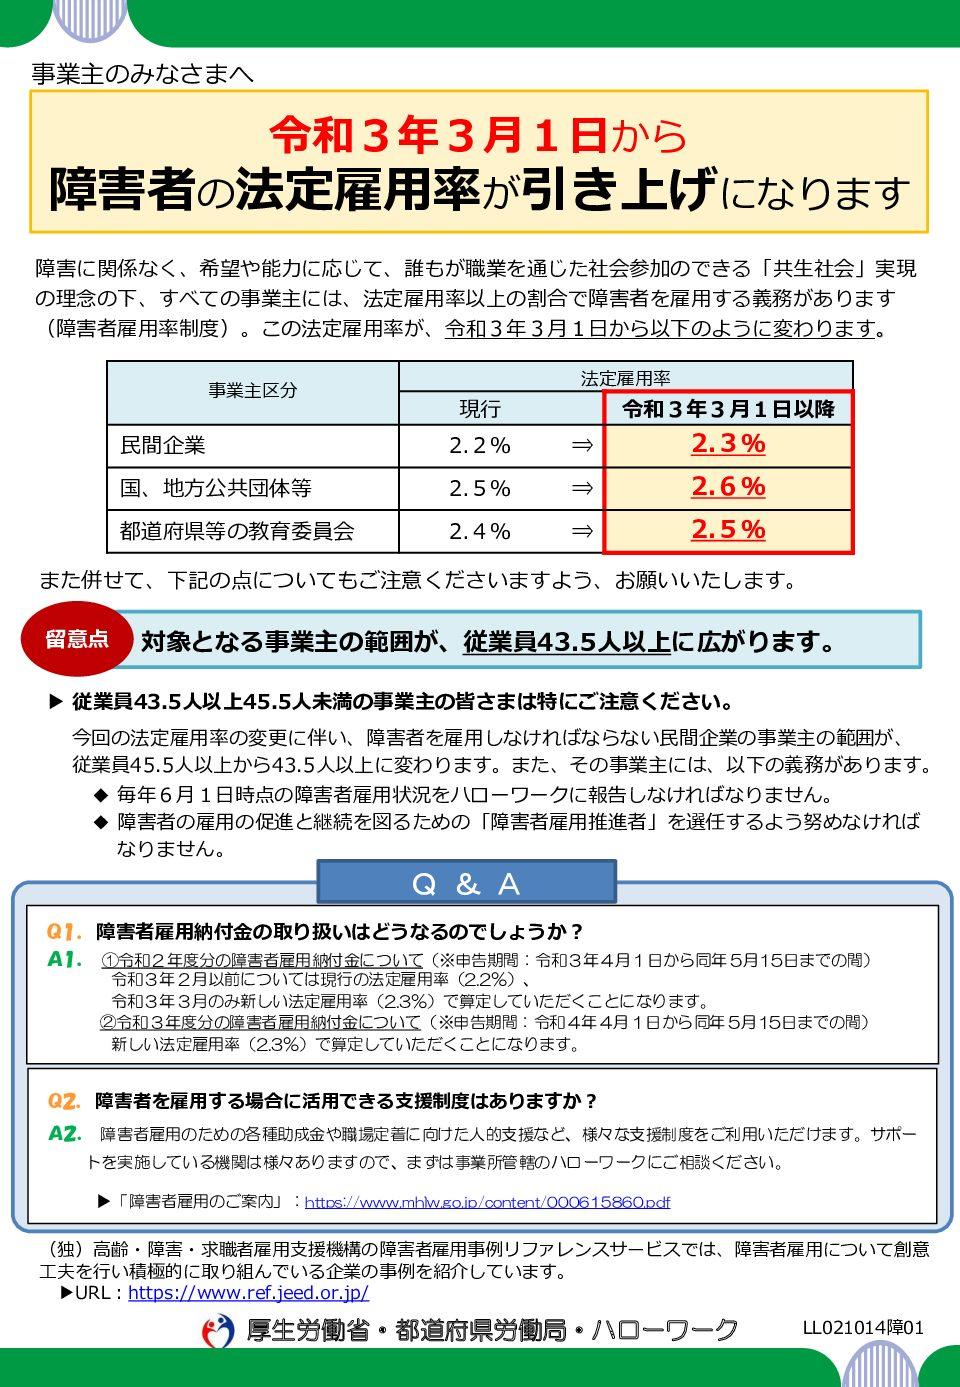 【2.3%】障害者雇用率の引上げ【令和3年(2021年)3月から】